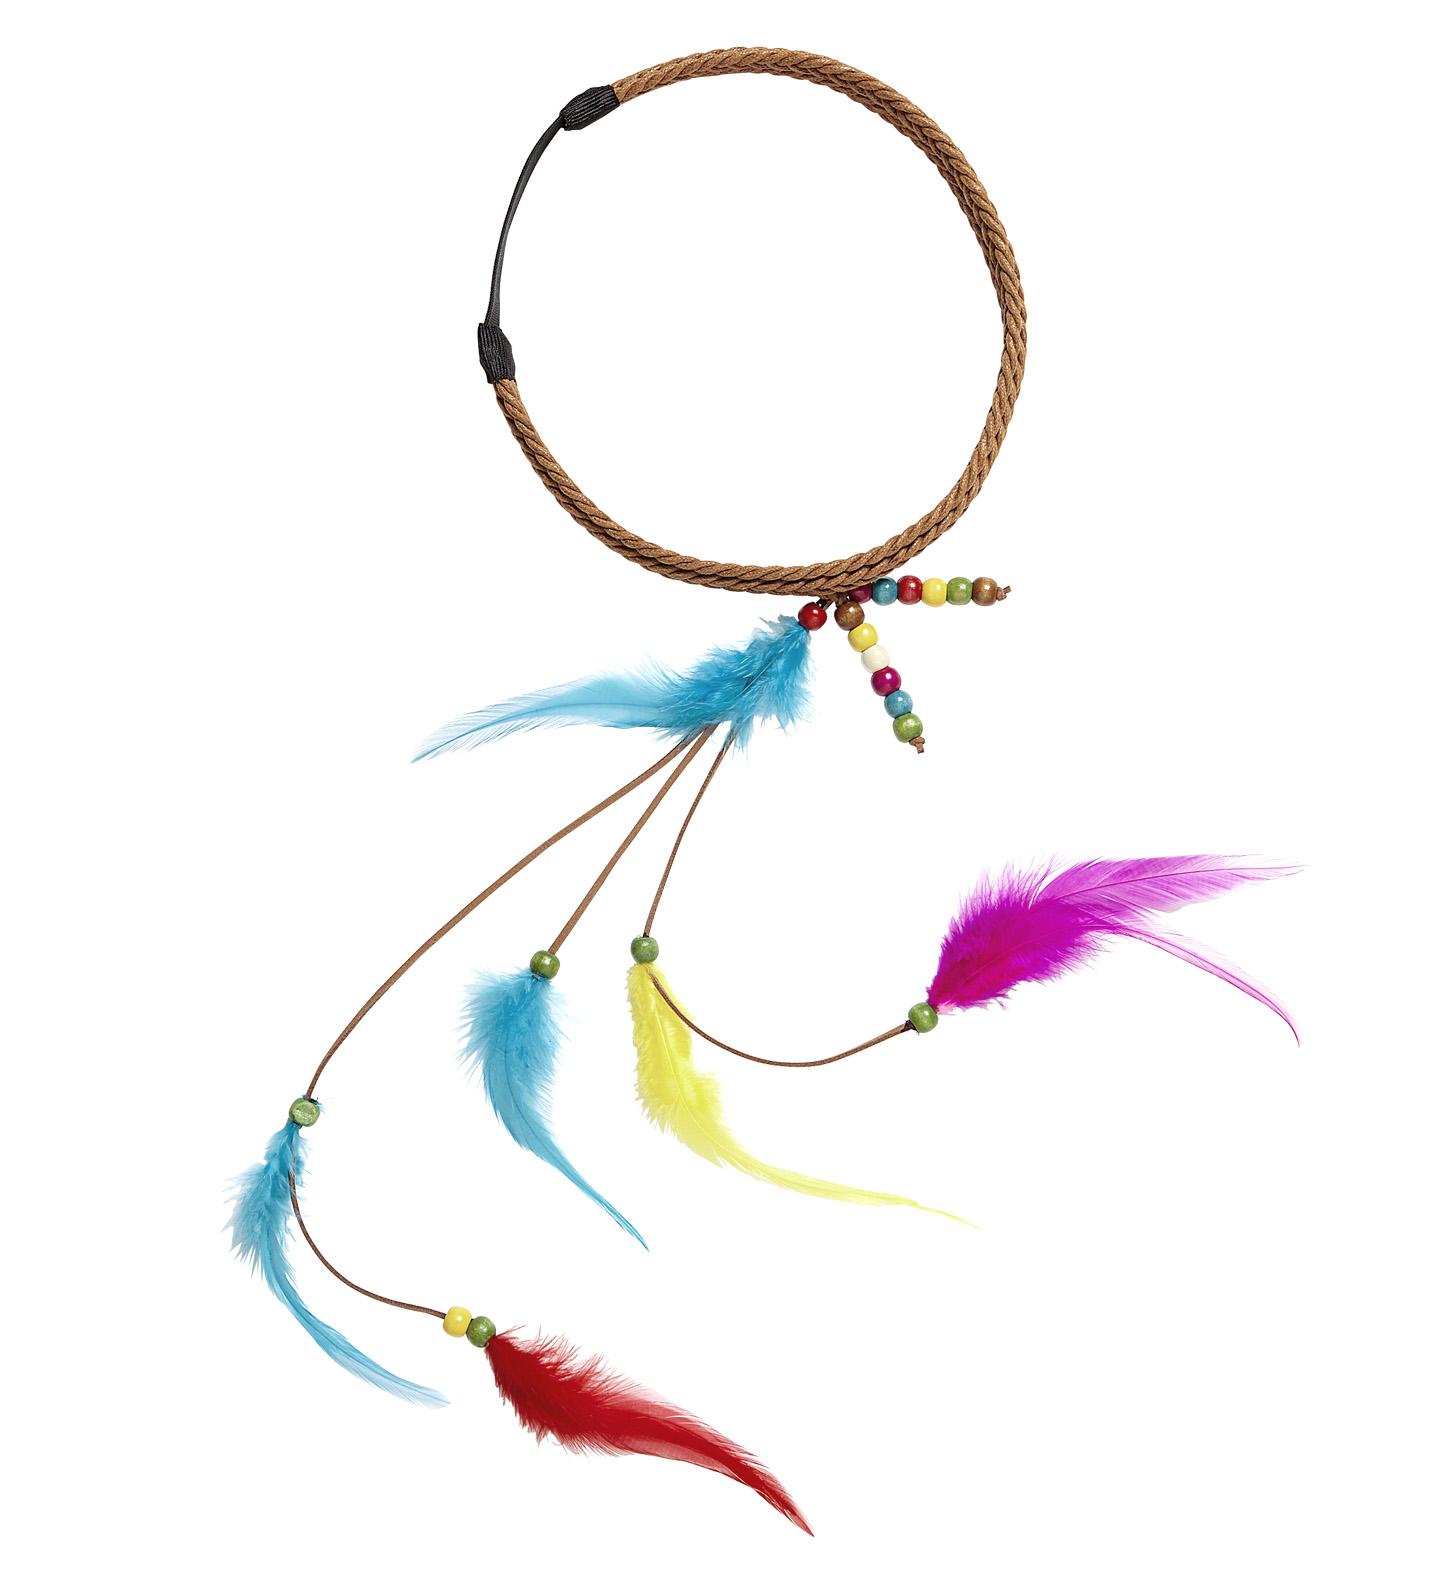 42991149866e07 Hippie Stirnband Federn und Perlen Indianerin-Kostüm Haarschmuck ...